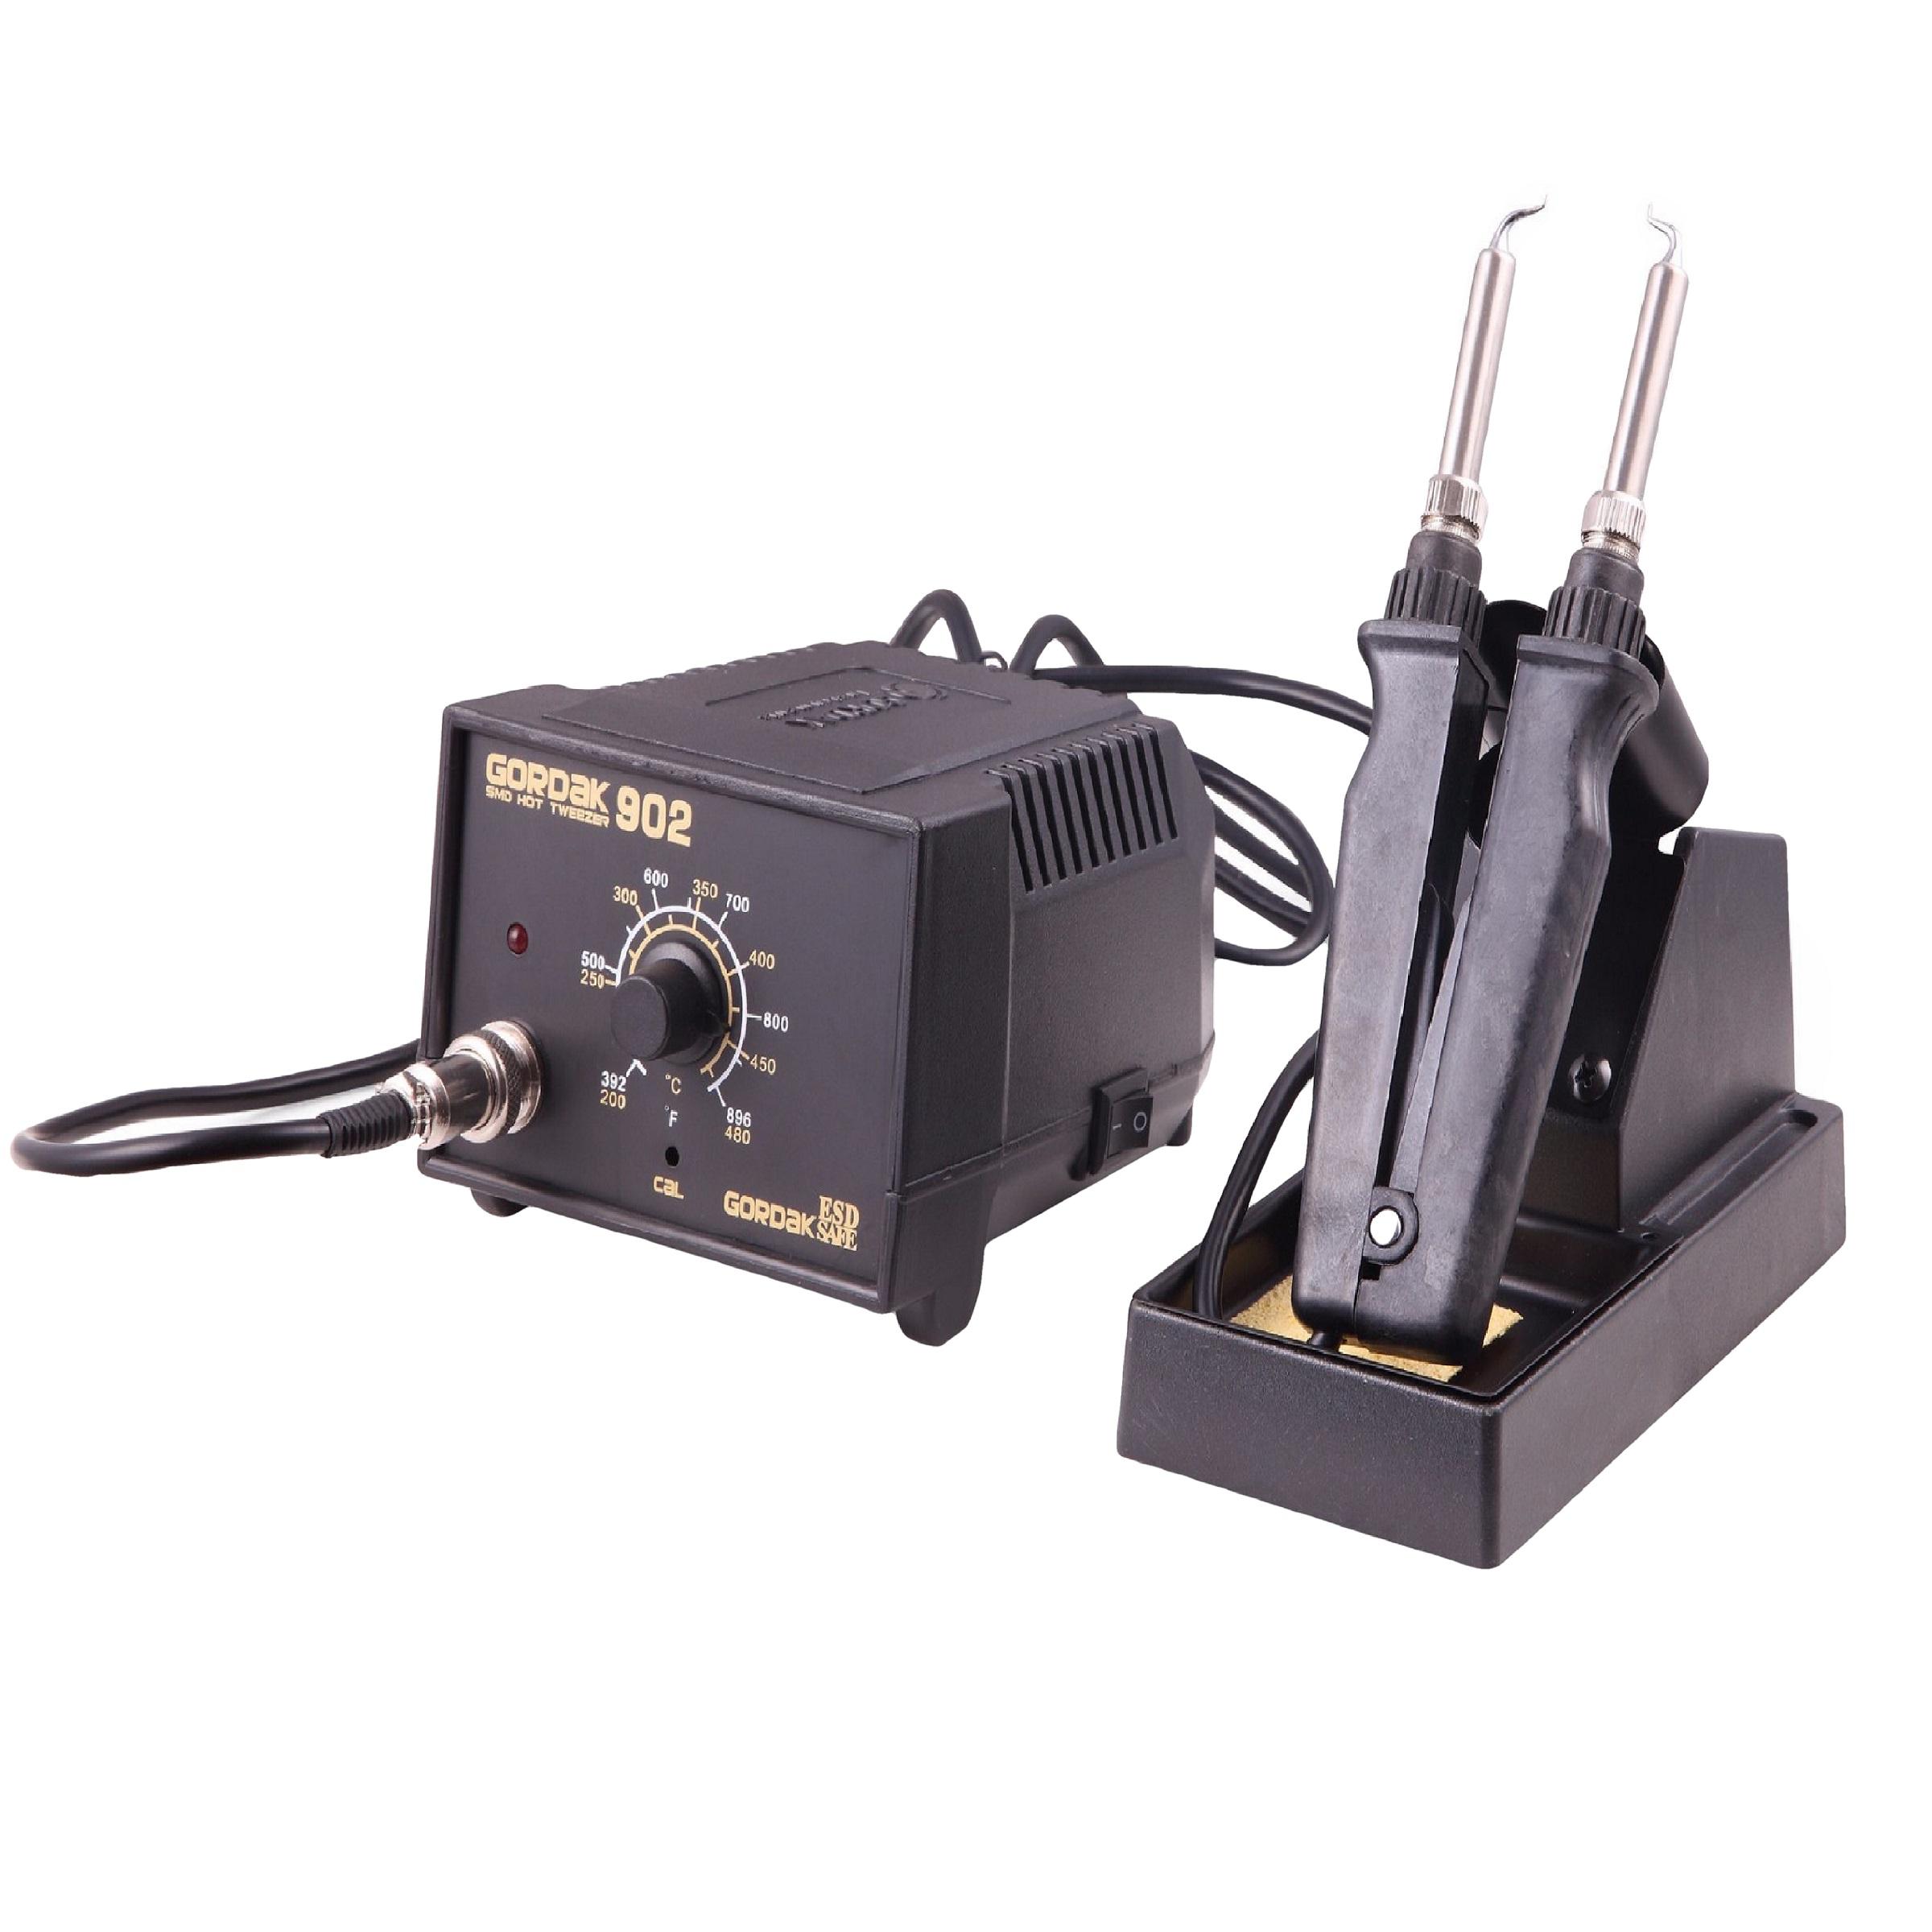 دستگاه هویه  گرداک مدل 902